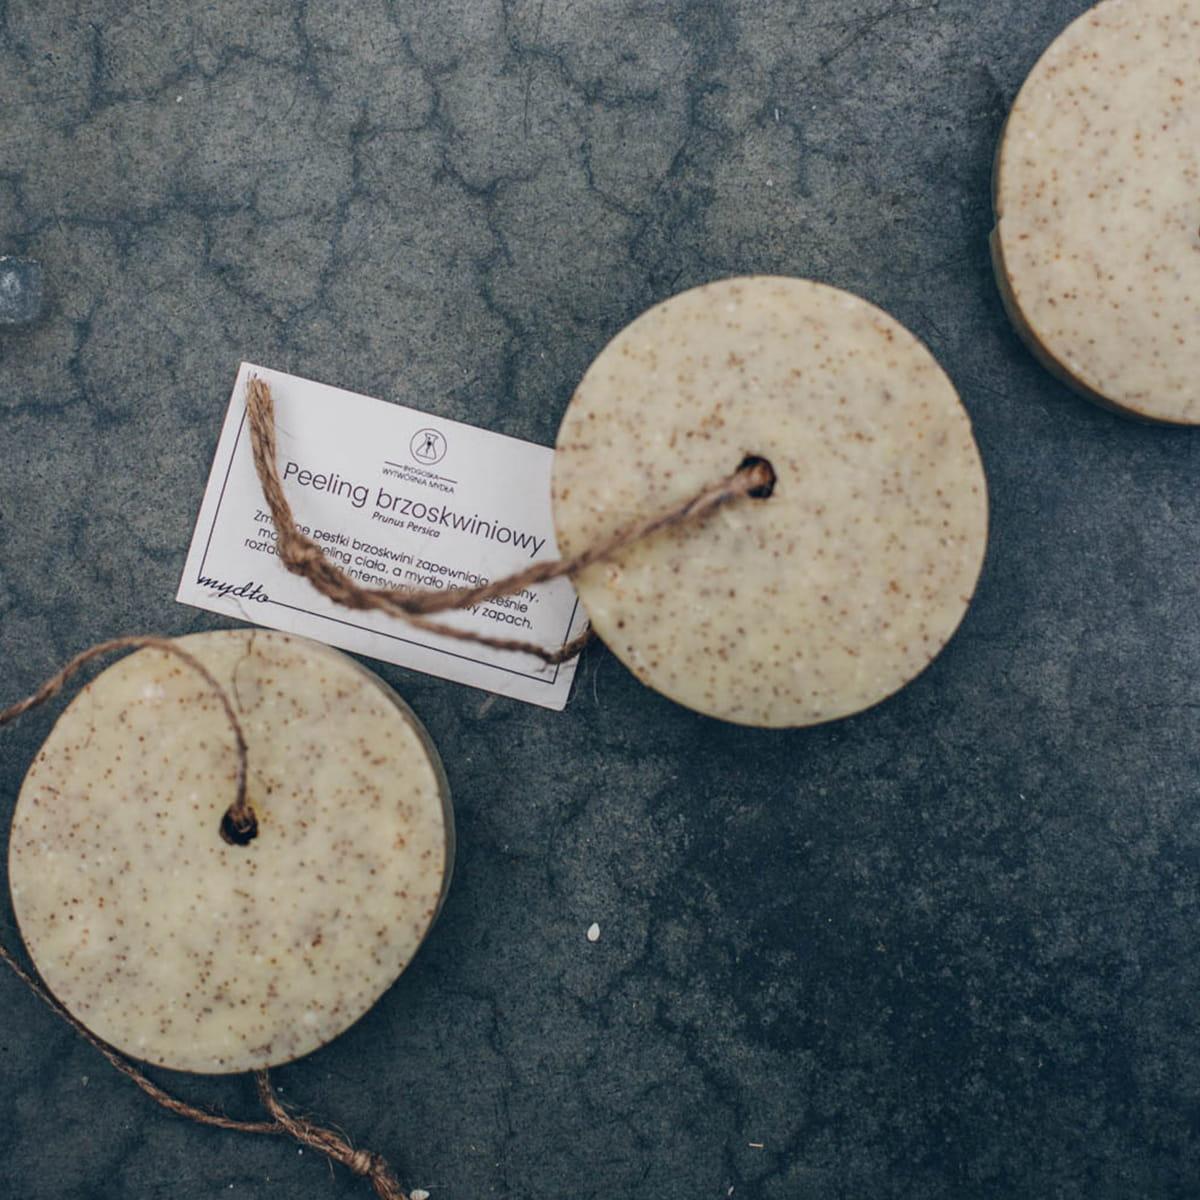 Bydgoska Wytwórnia Mydła Naturalne mydło-peeling Brzoskwinia (sznurek) 85g